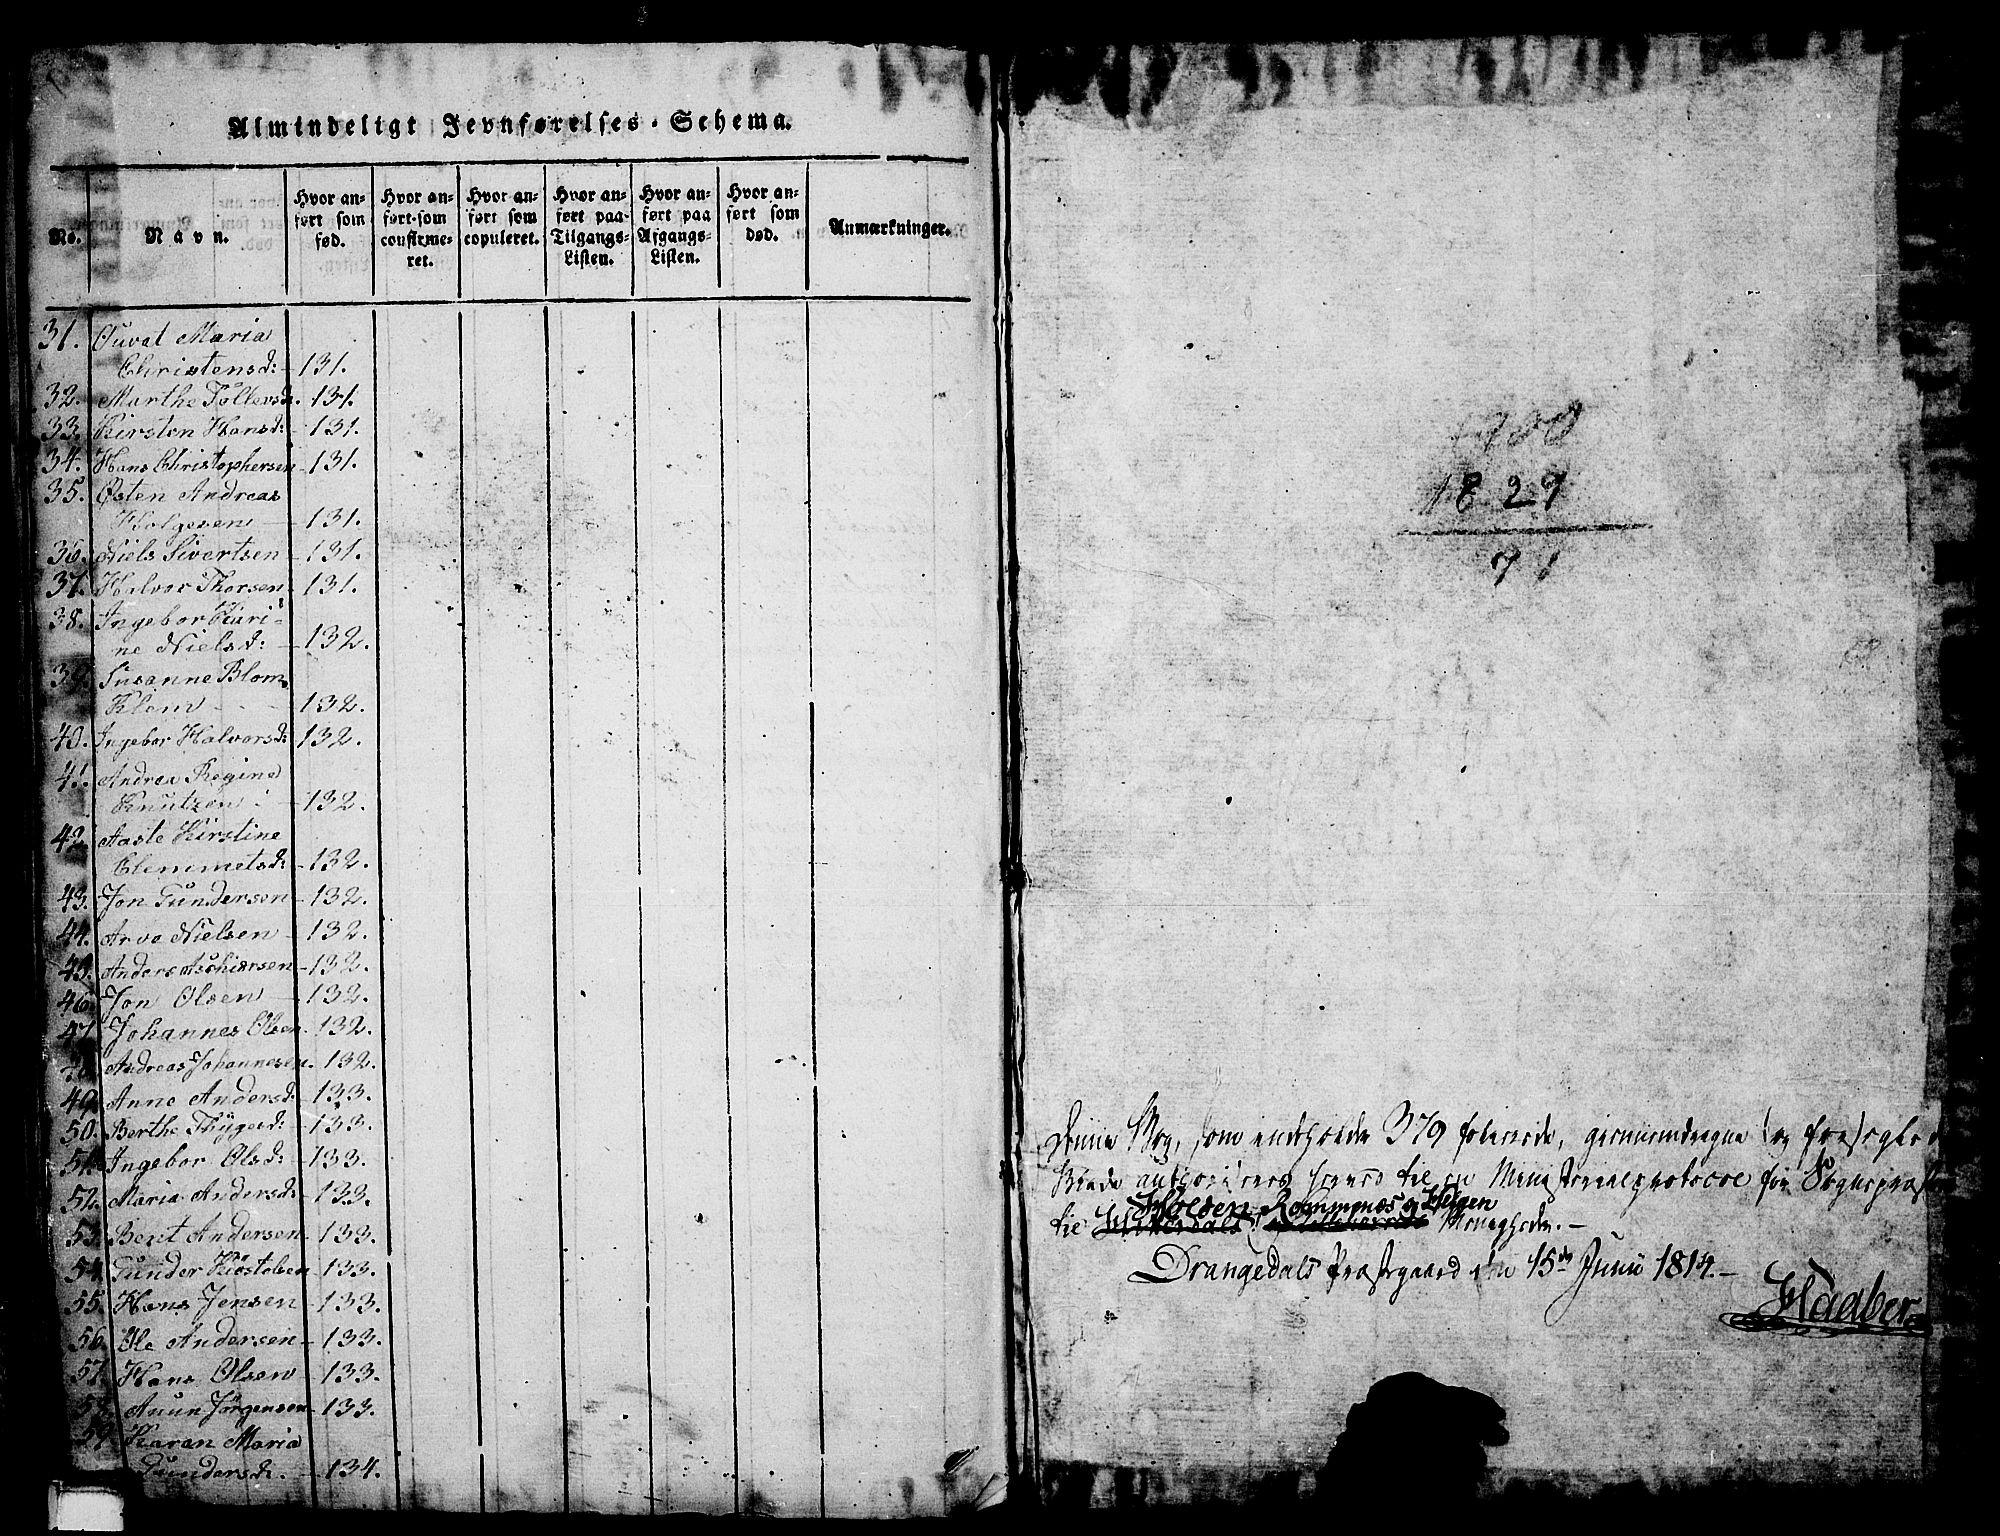 SAKO, Holla kirkebøker, G/Ga/L0001: Klokkerbok nr. I 1, 1814-1830, s. 380